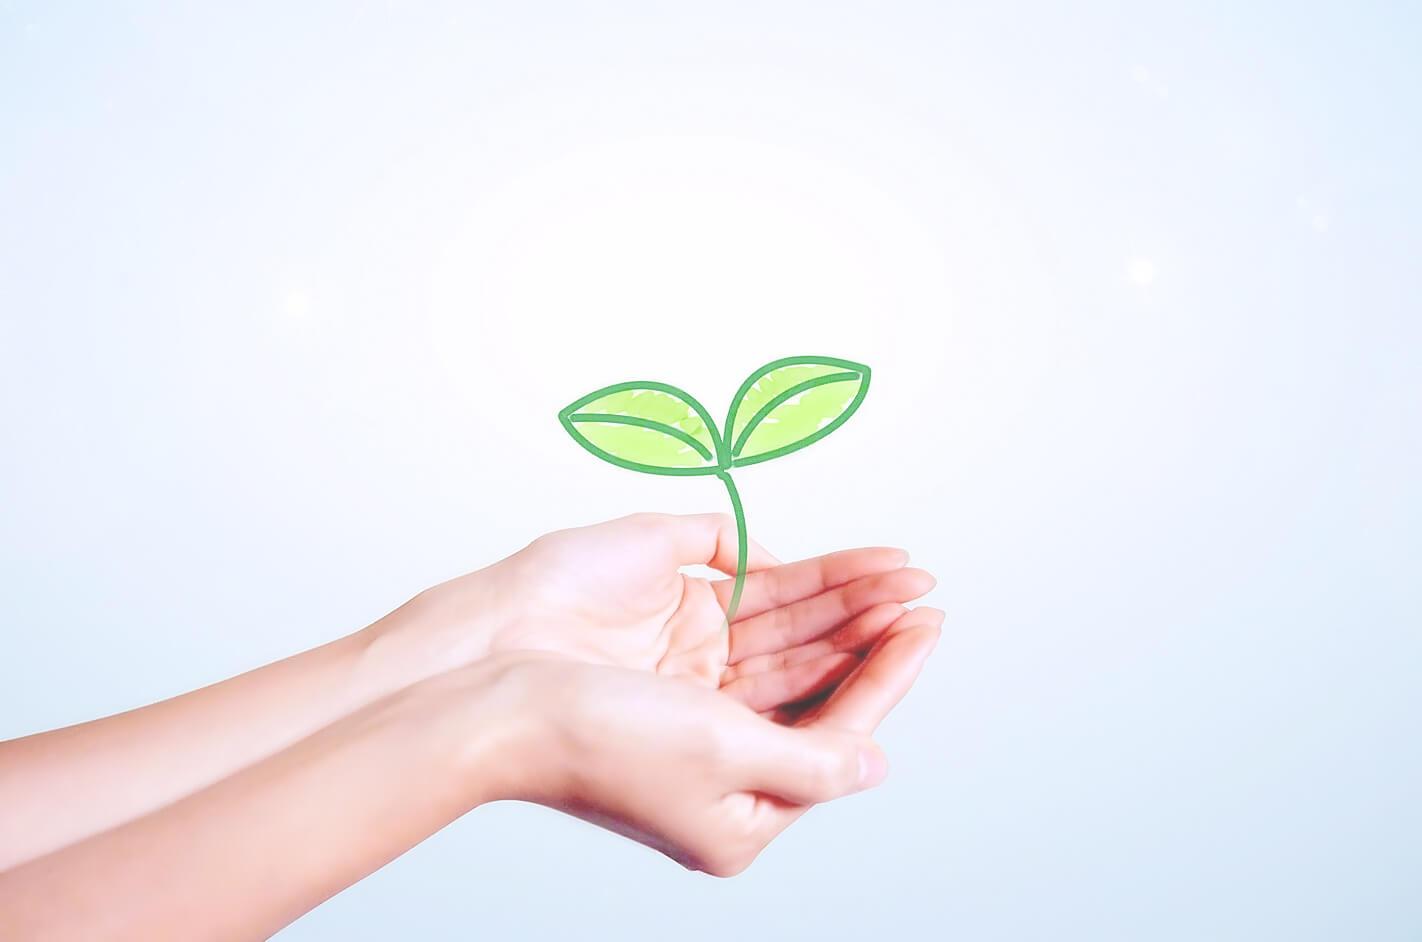 エネルギーを育てる手